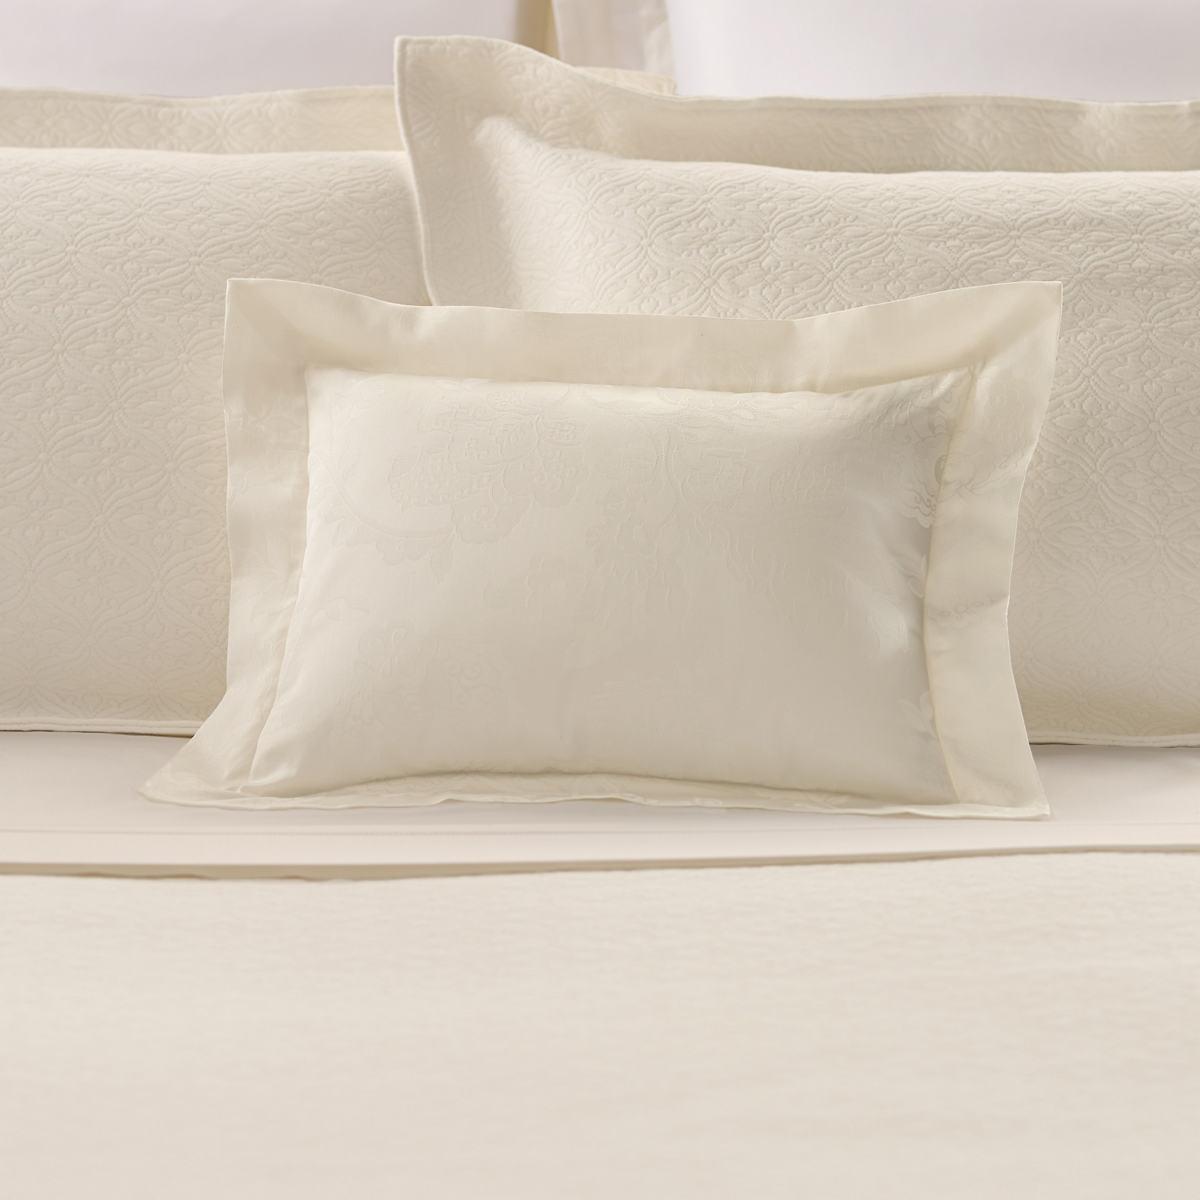 Chinois Damask Ivory Decorative Pillow